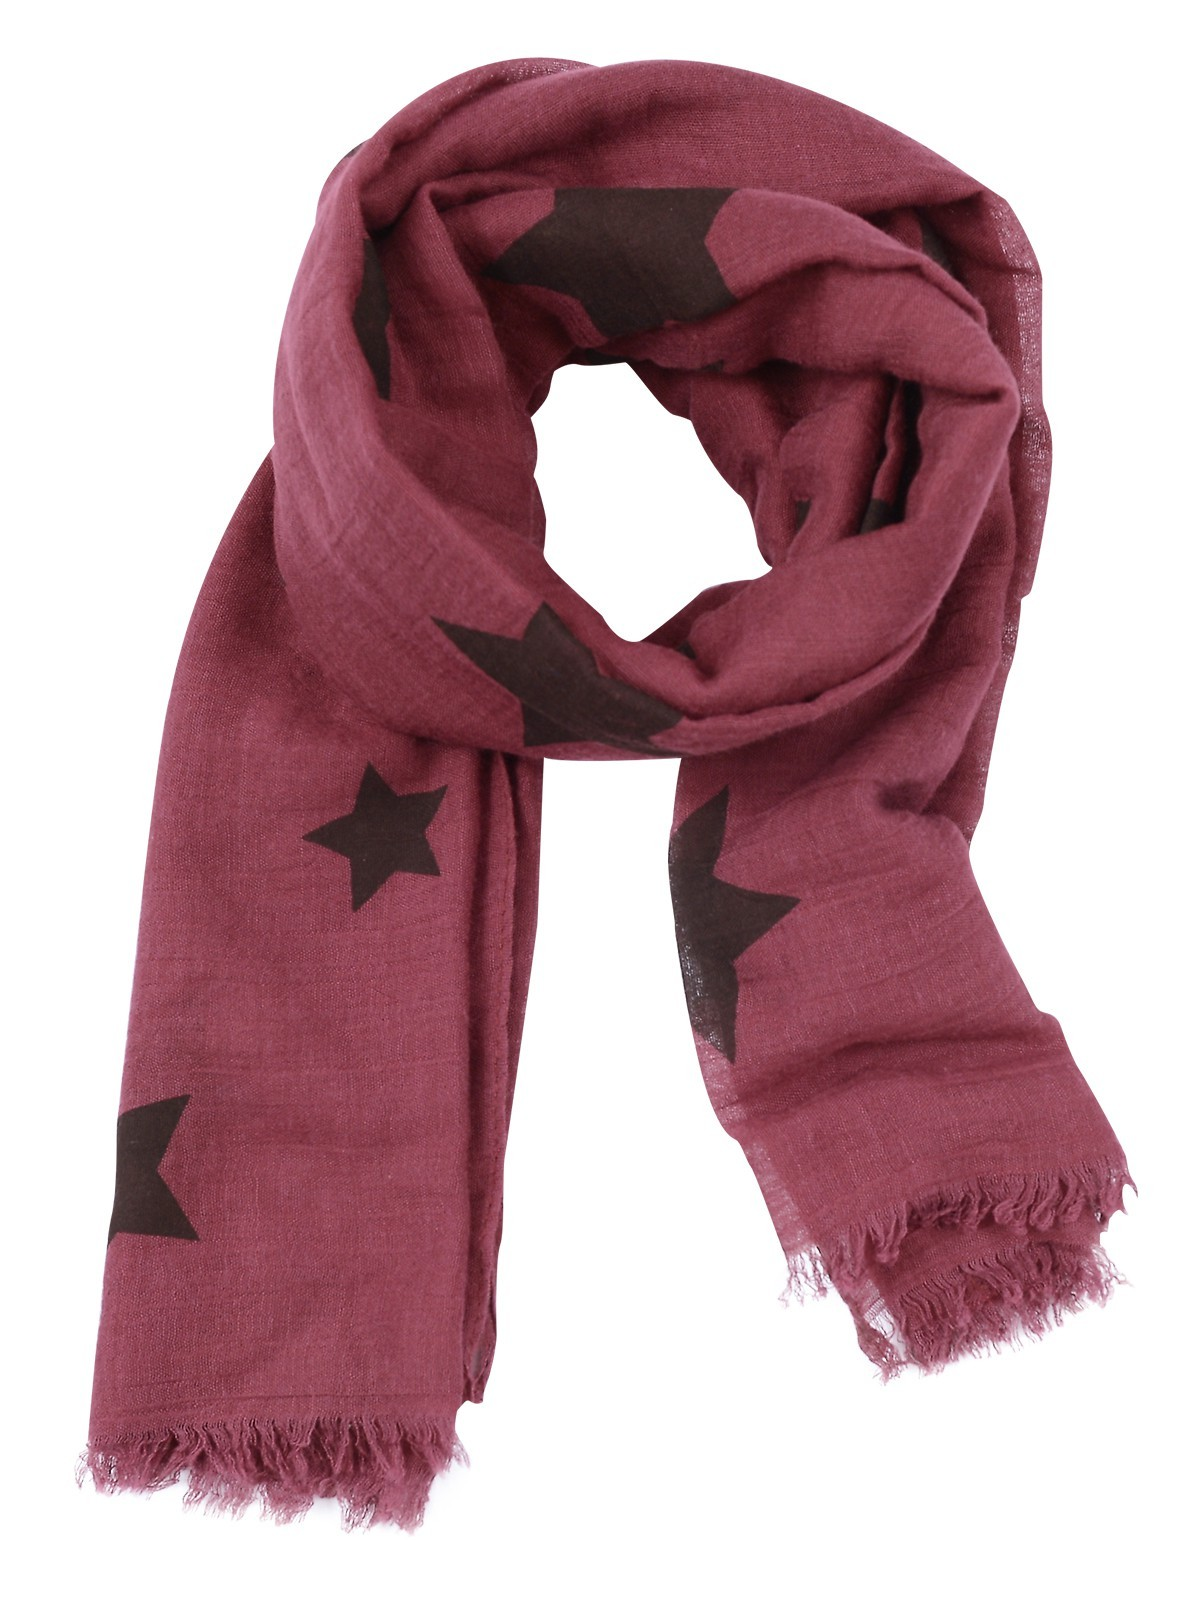 Foulard étoile femme - DistriCenter 89e07826a5b